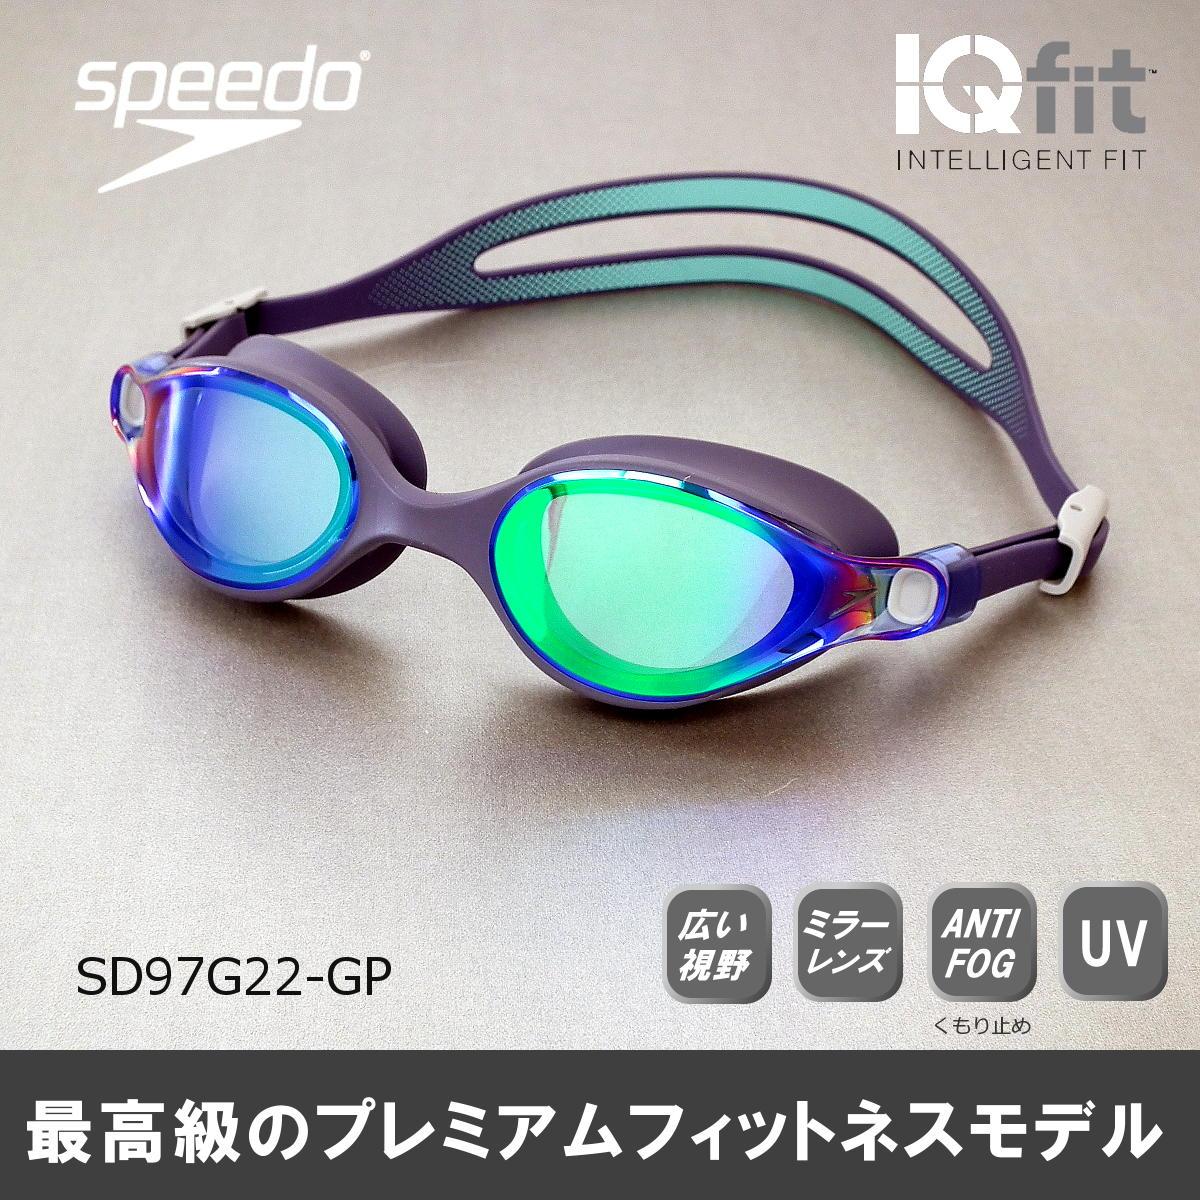 【スイムゴーグル】【女性用】SPEEDO スピード クッション付き スイミングゴーグル ミラータイプ Virtue ヴァーチュゴーグル 水泳 SD97G22-GP